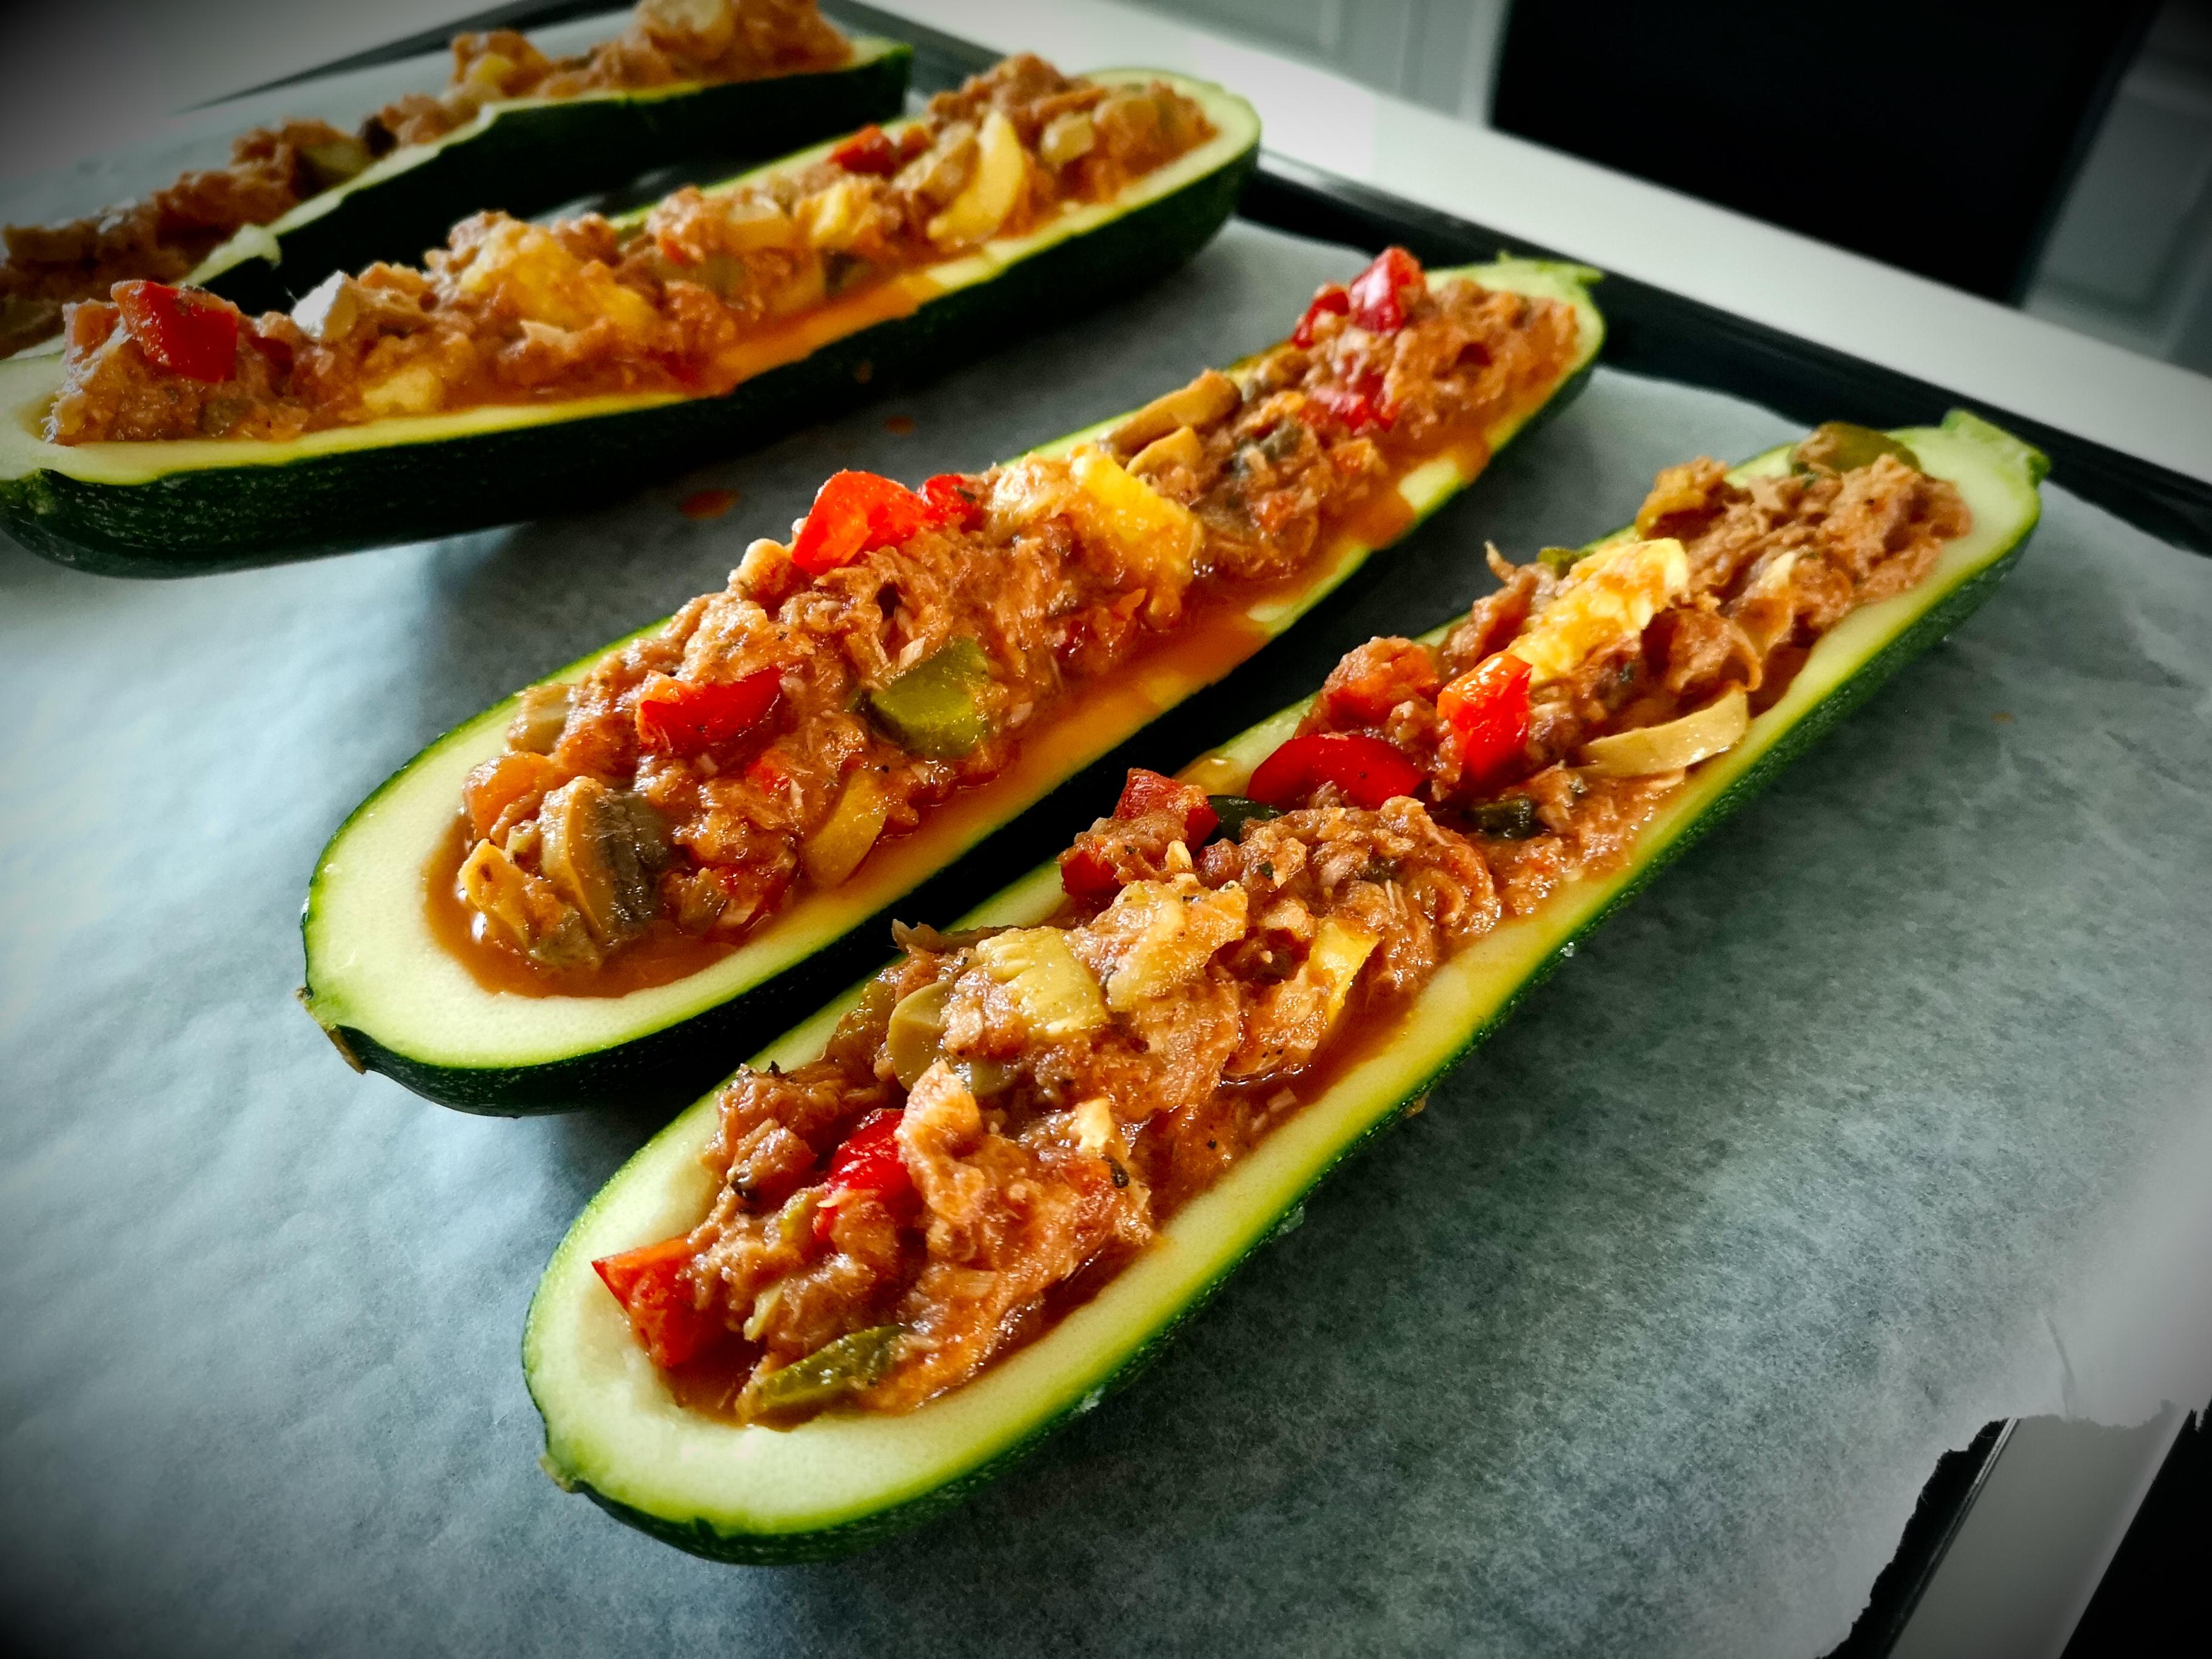 Terveellinen ja maukas täytetty kesäkurpitsa